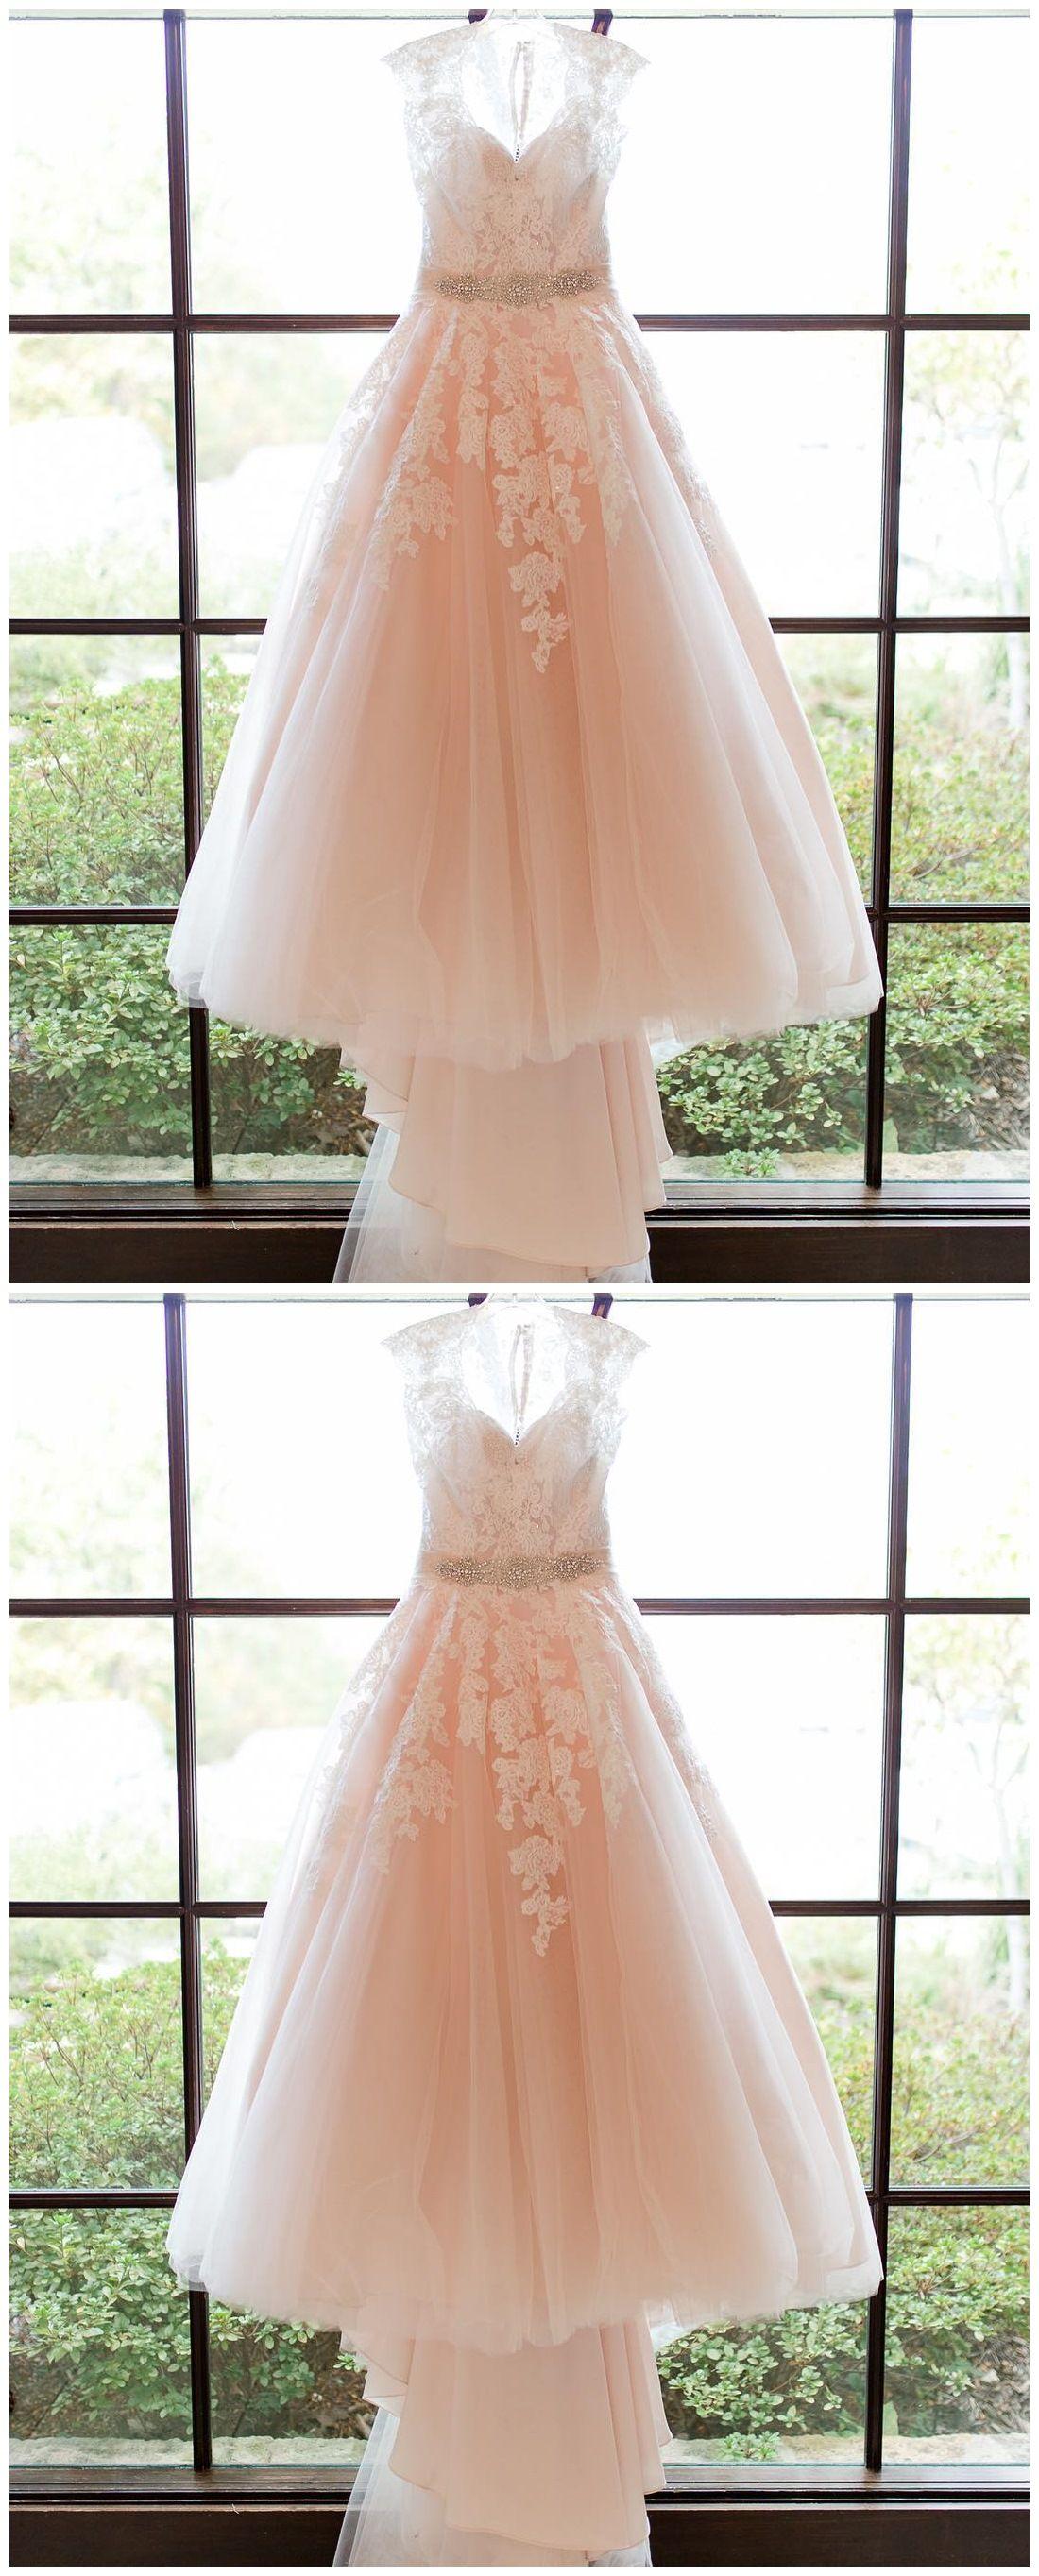 Lace Applique Blush Pink Wedding Dresses Cheap Bridal Dress Ard1432 Cheap Bridal Dresses Wedding Dresses Blush Blush Pink Wedding Dress [ 2728 x 1100 Pixel ]